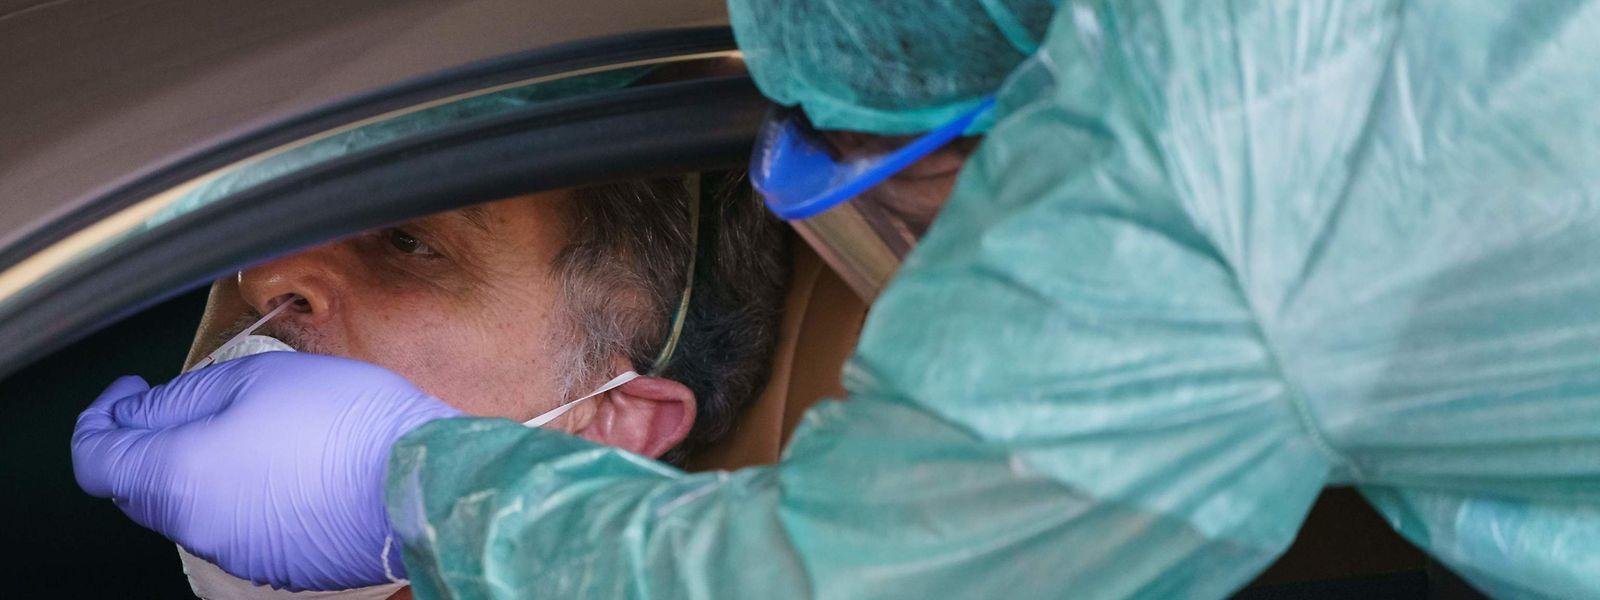 Bei einem Autofahrer wird in einer mobilen Teststation in Burgos eine Corona-Probe durchgeführt.